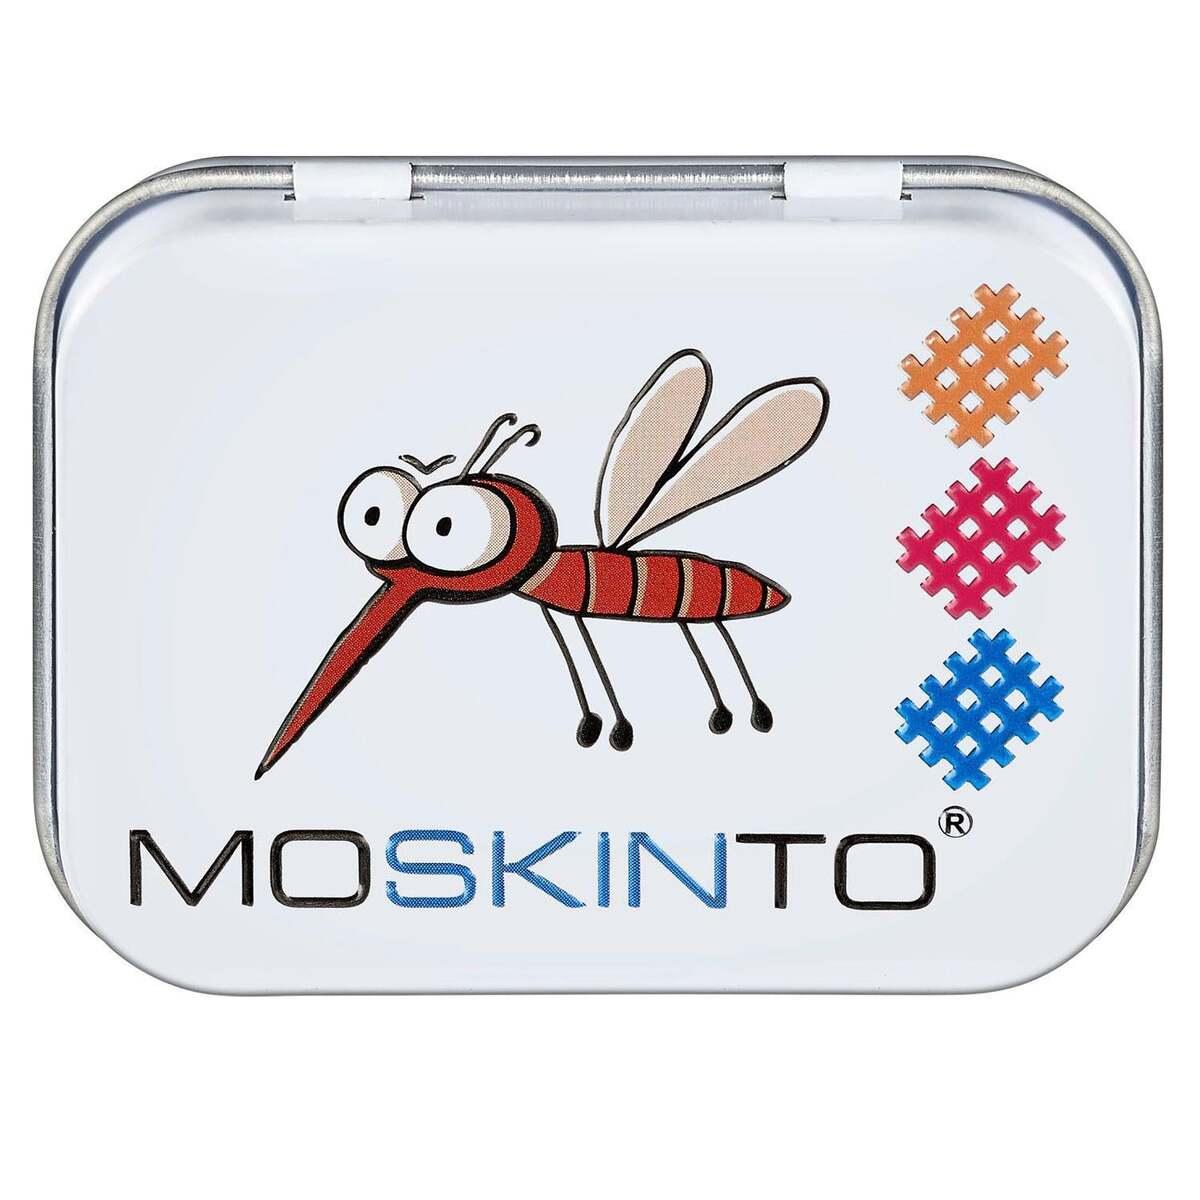 Bild 1 von MOSKINTO Mückenpflaster